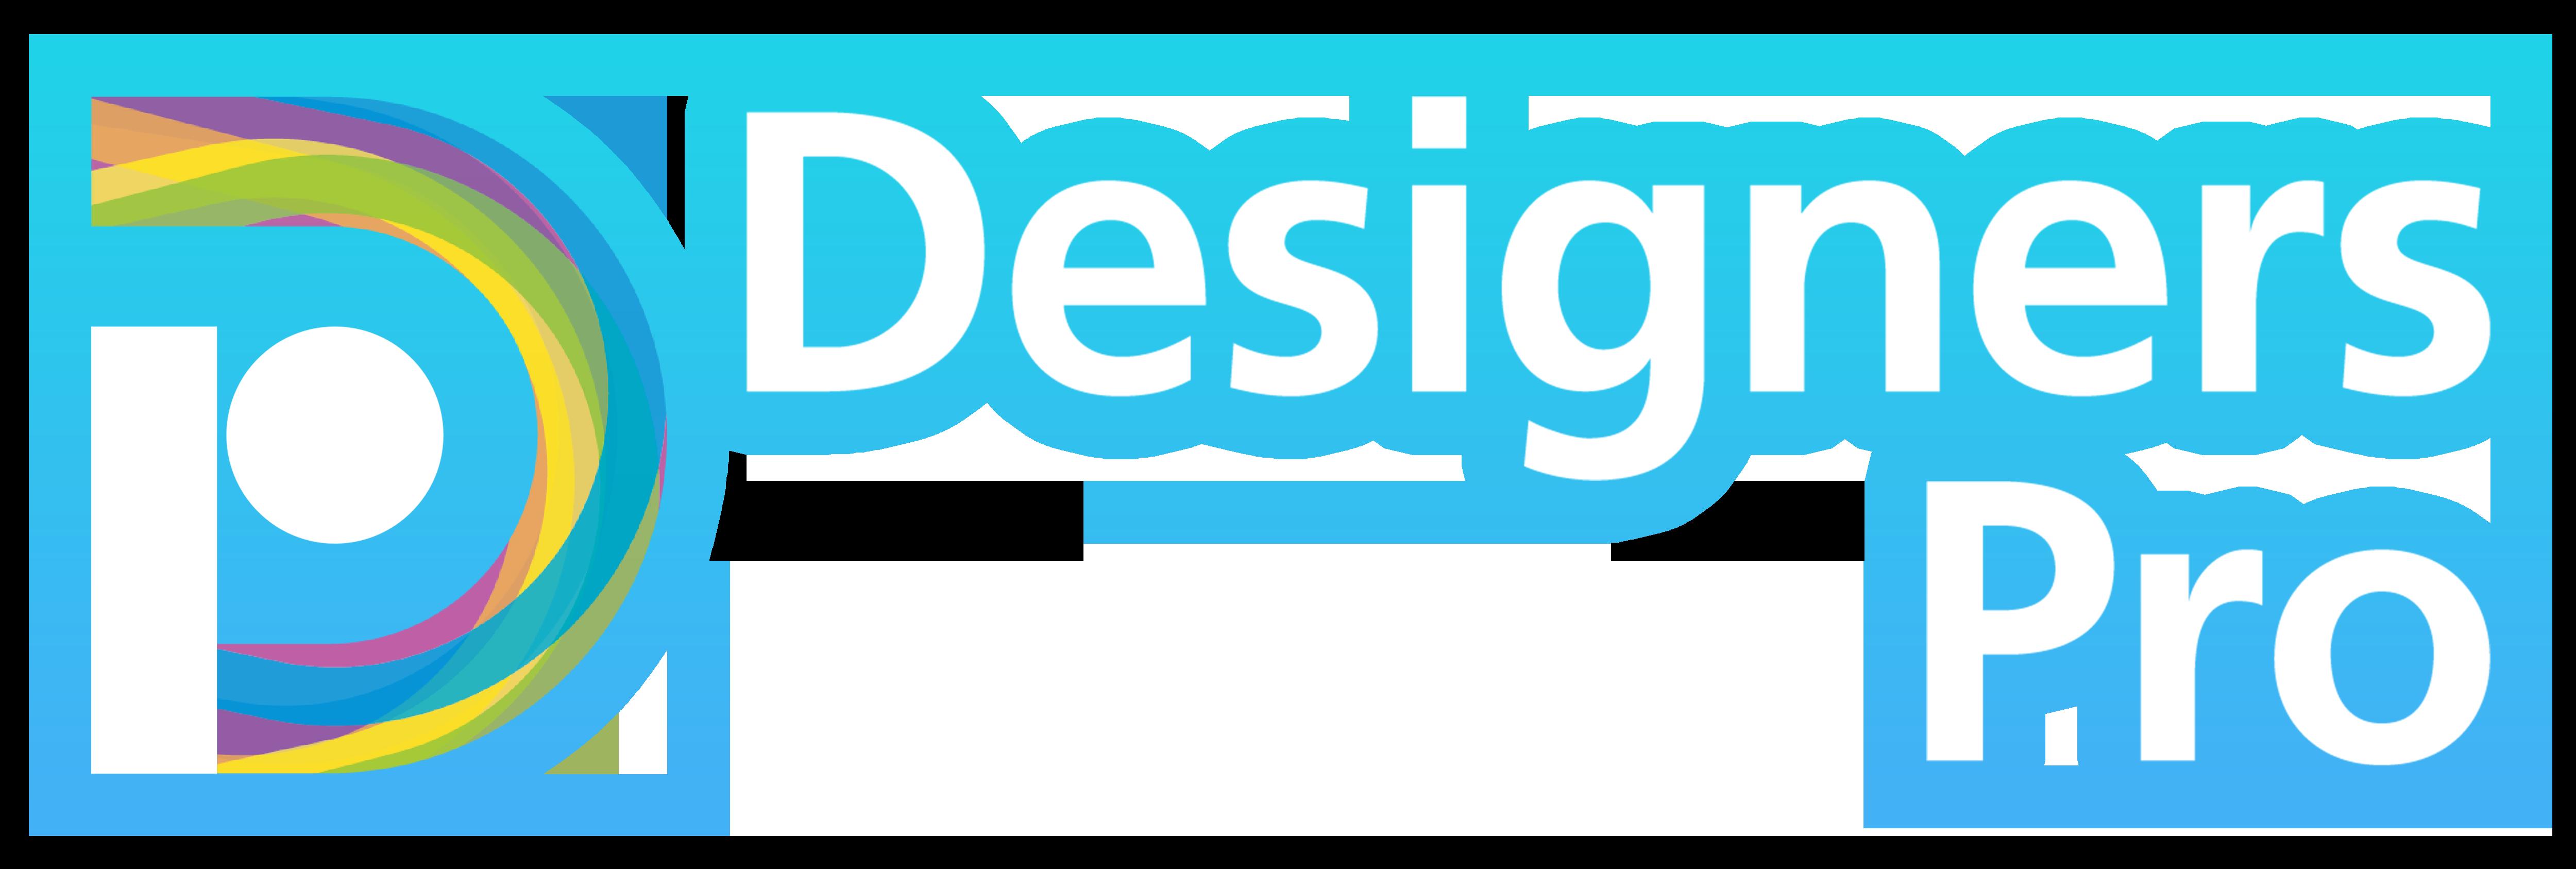 デザイナーズプロ公式サイト|Designers Pro